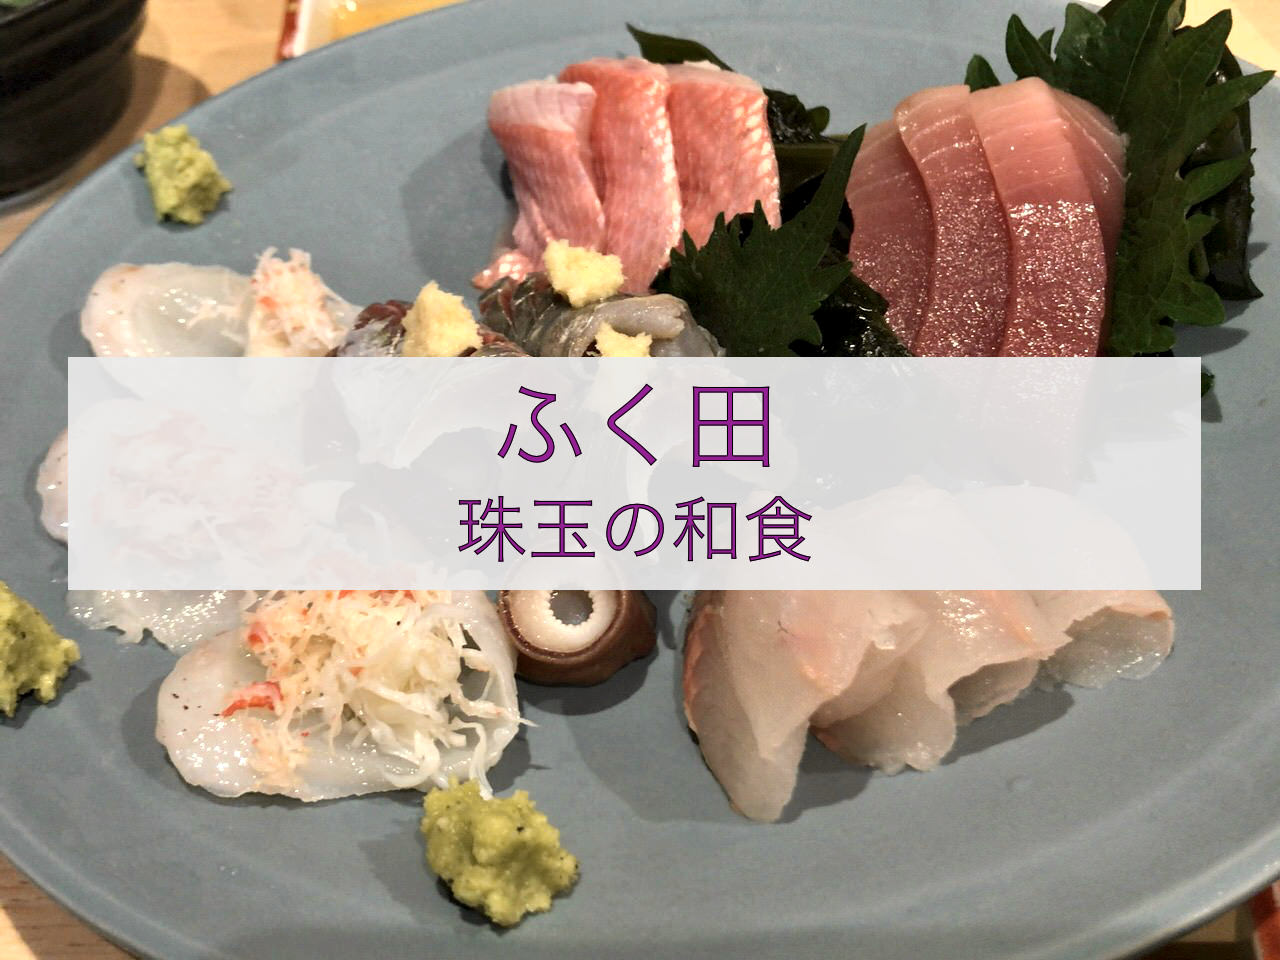 「ふく田(ふくでん)」白身魚とタコの刺身をごま油&塩で食べて衝撃を‥‥受けた‥‥!!